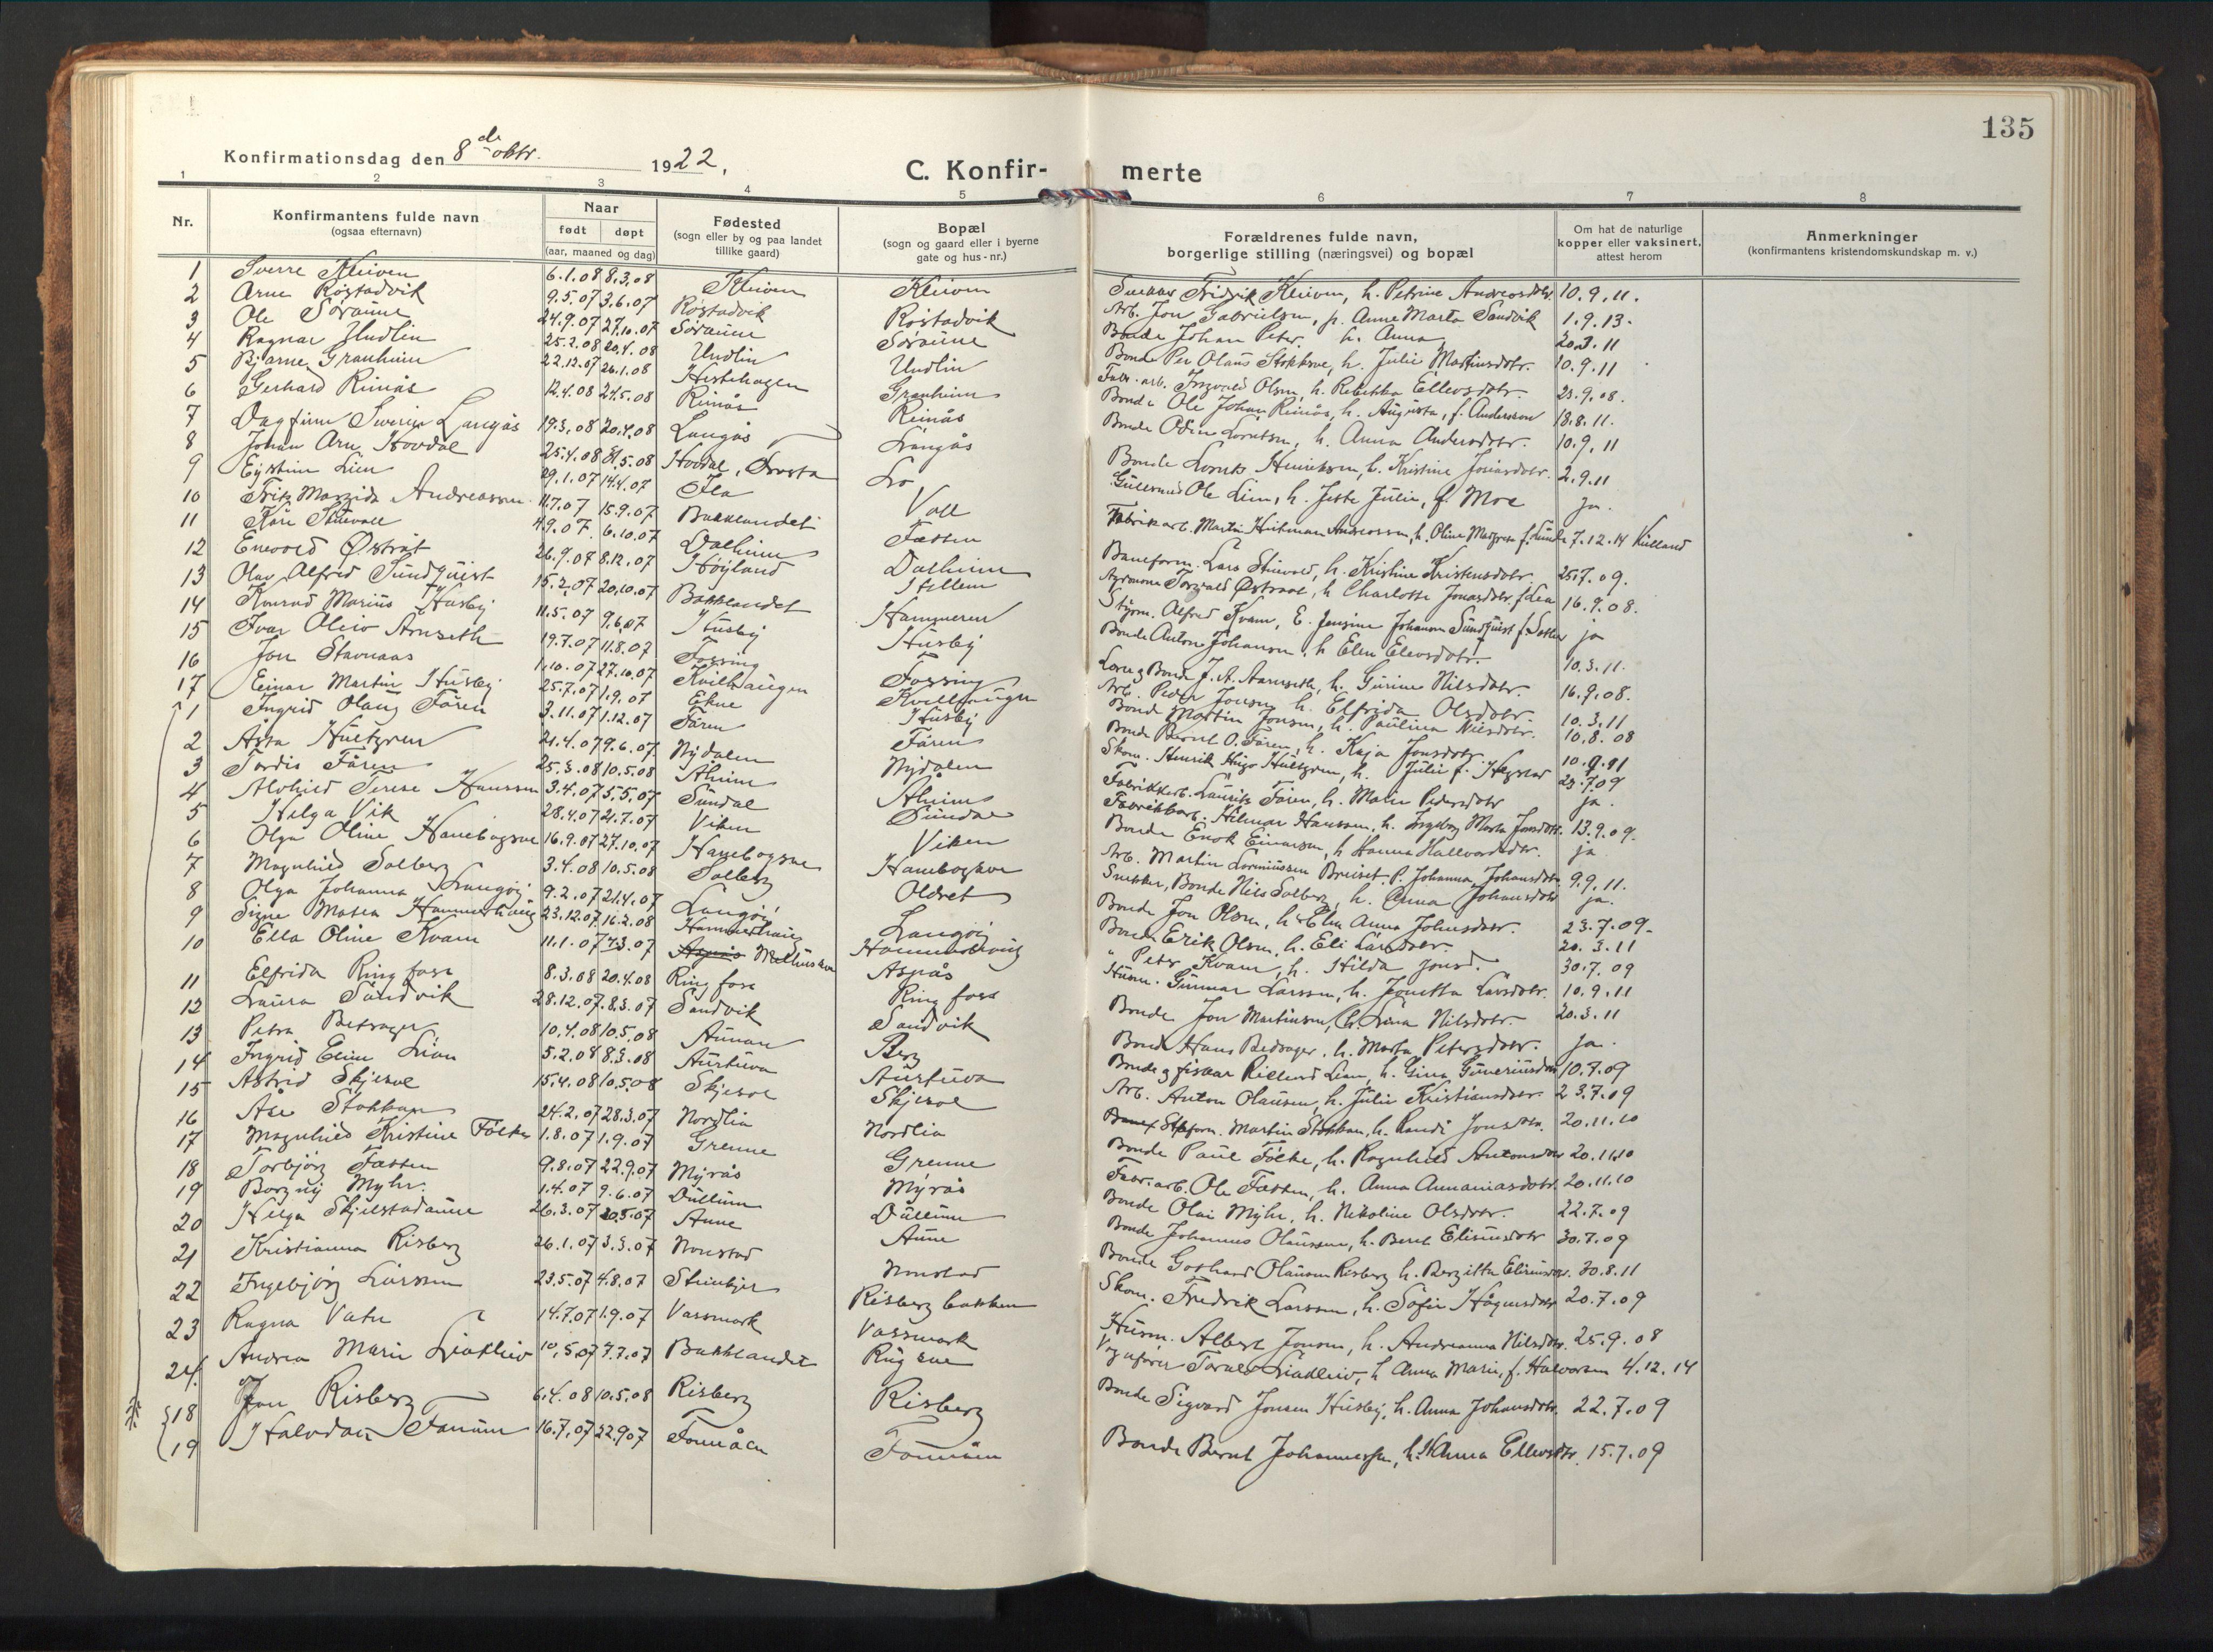 SAT, Ministerialprotokoller, klokkerbøker og fødselsregistre - Nord-Trøndelag, 714/L0136: Klokkerbok nr. 714C05, 1918-1957, s. 135